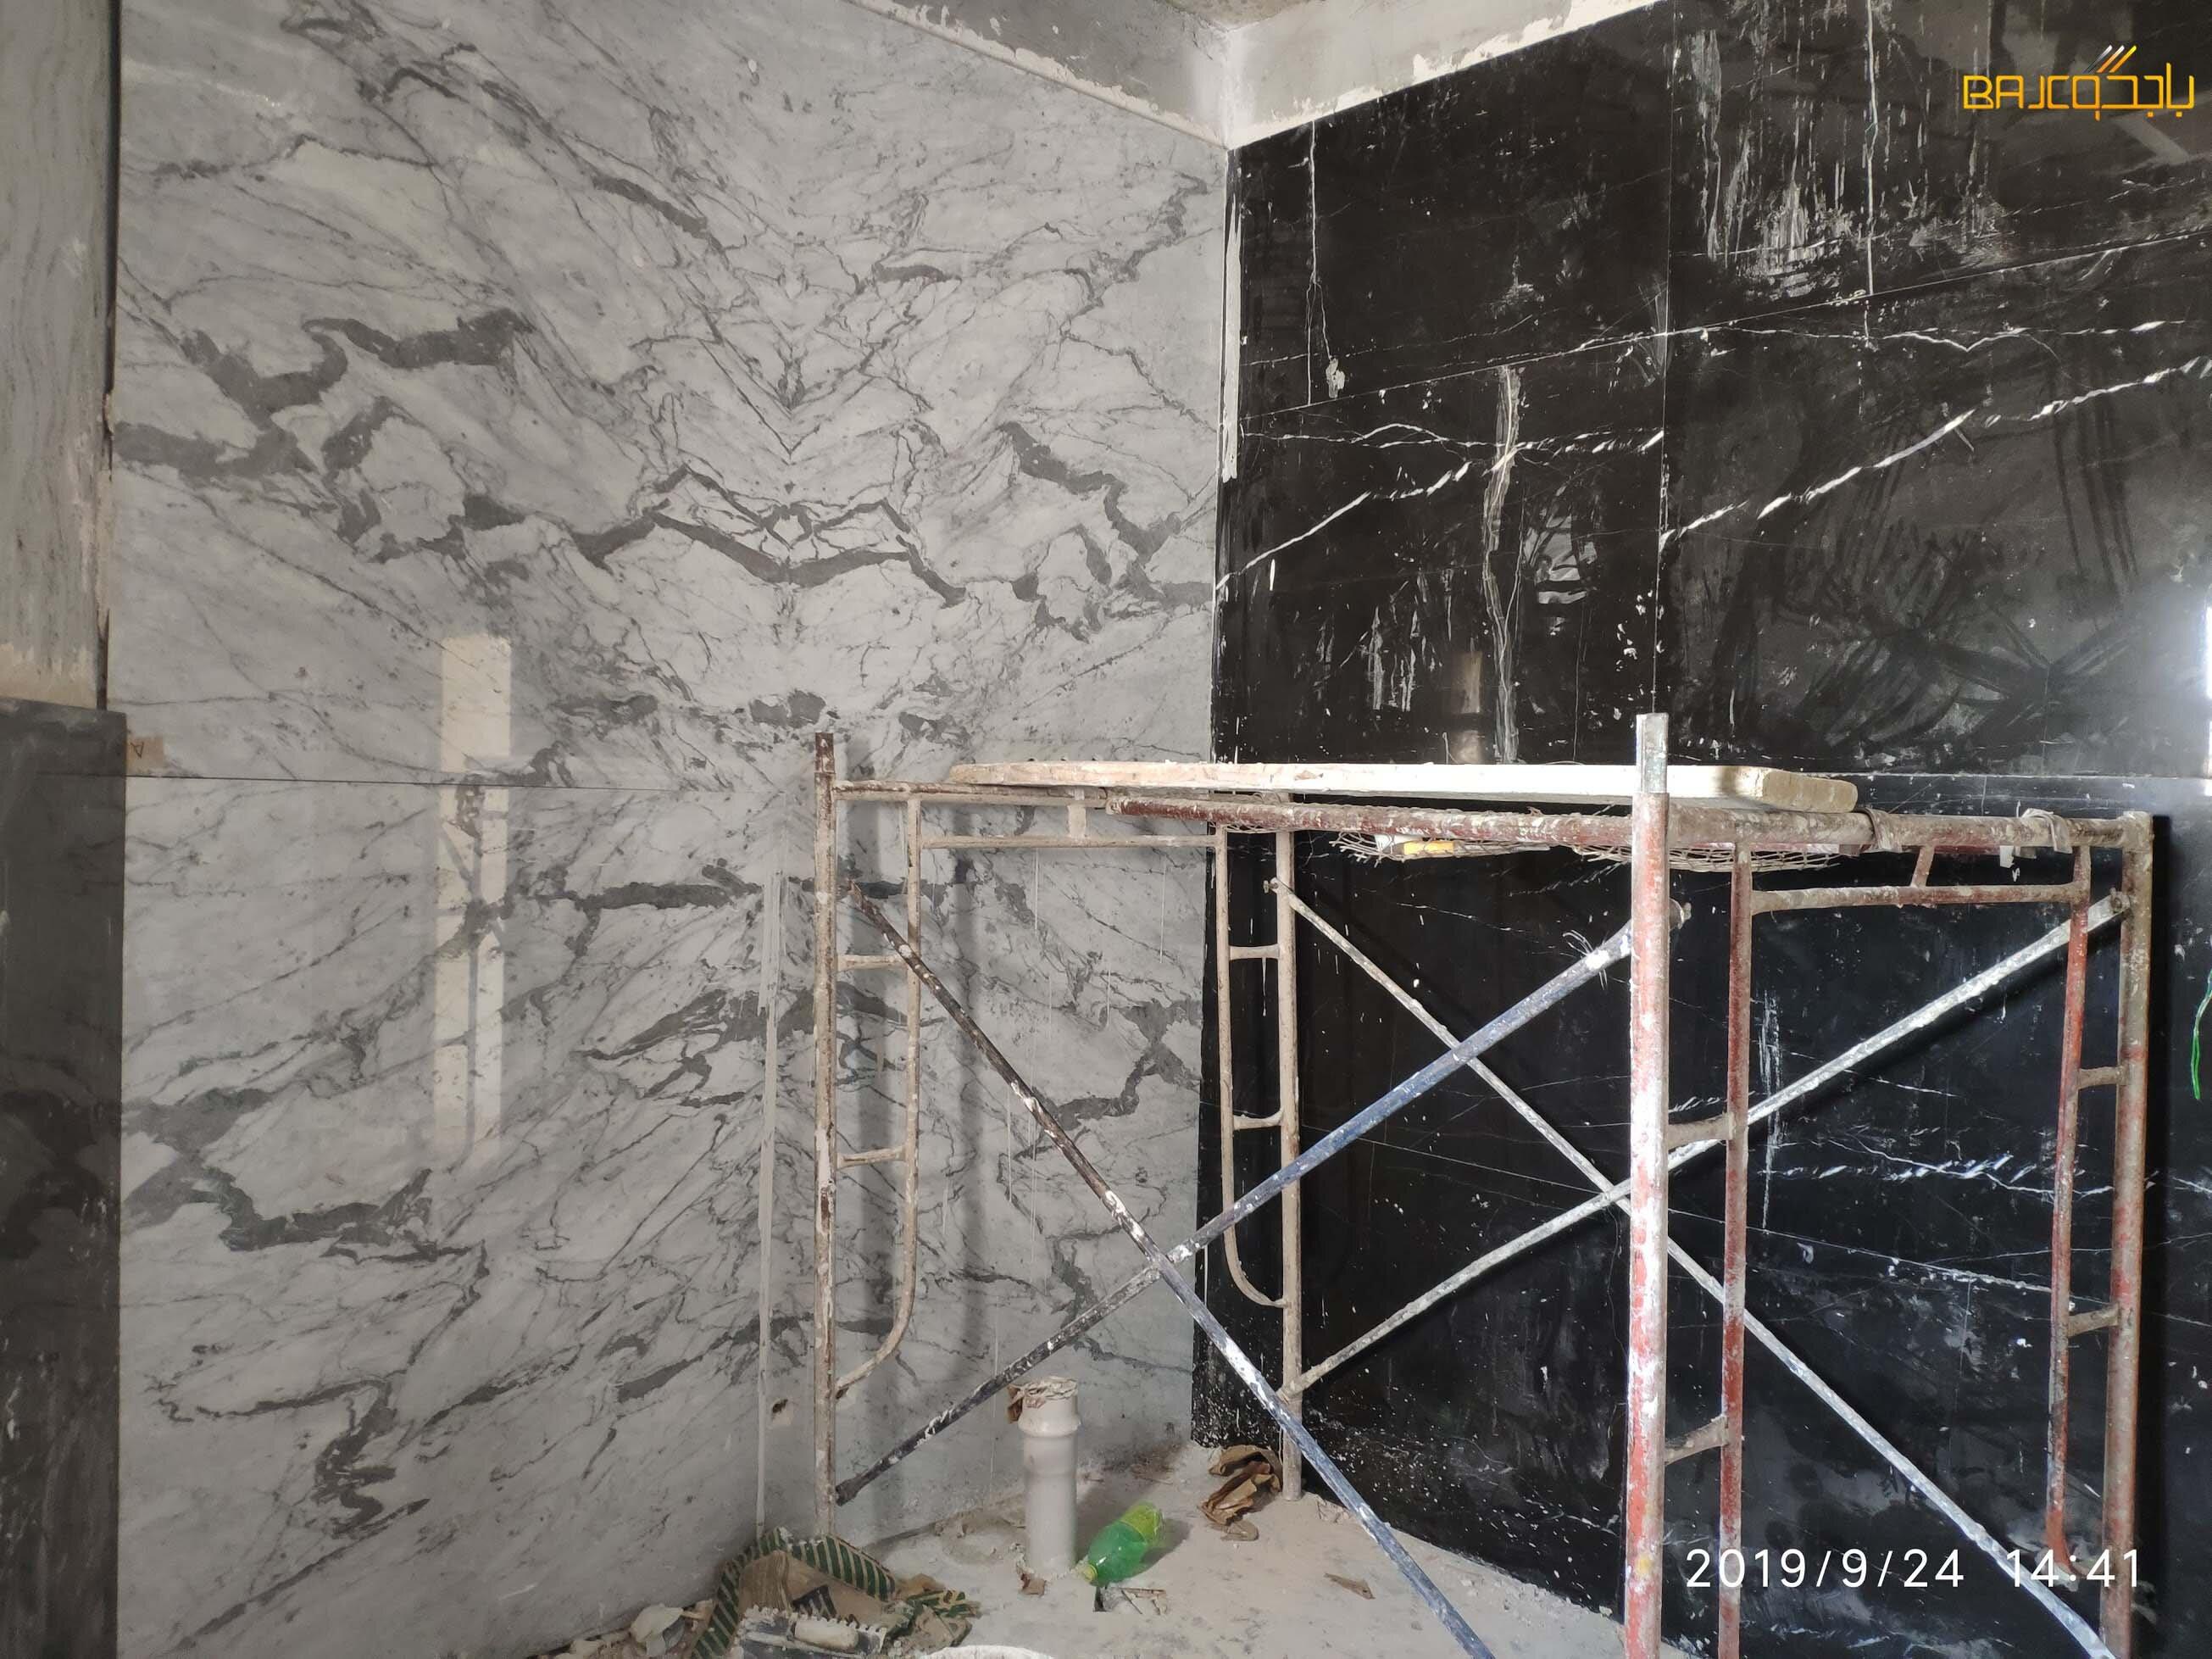 تركيب حمام رخام اربسكاتو اوبن بوك (2)